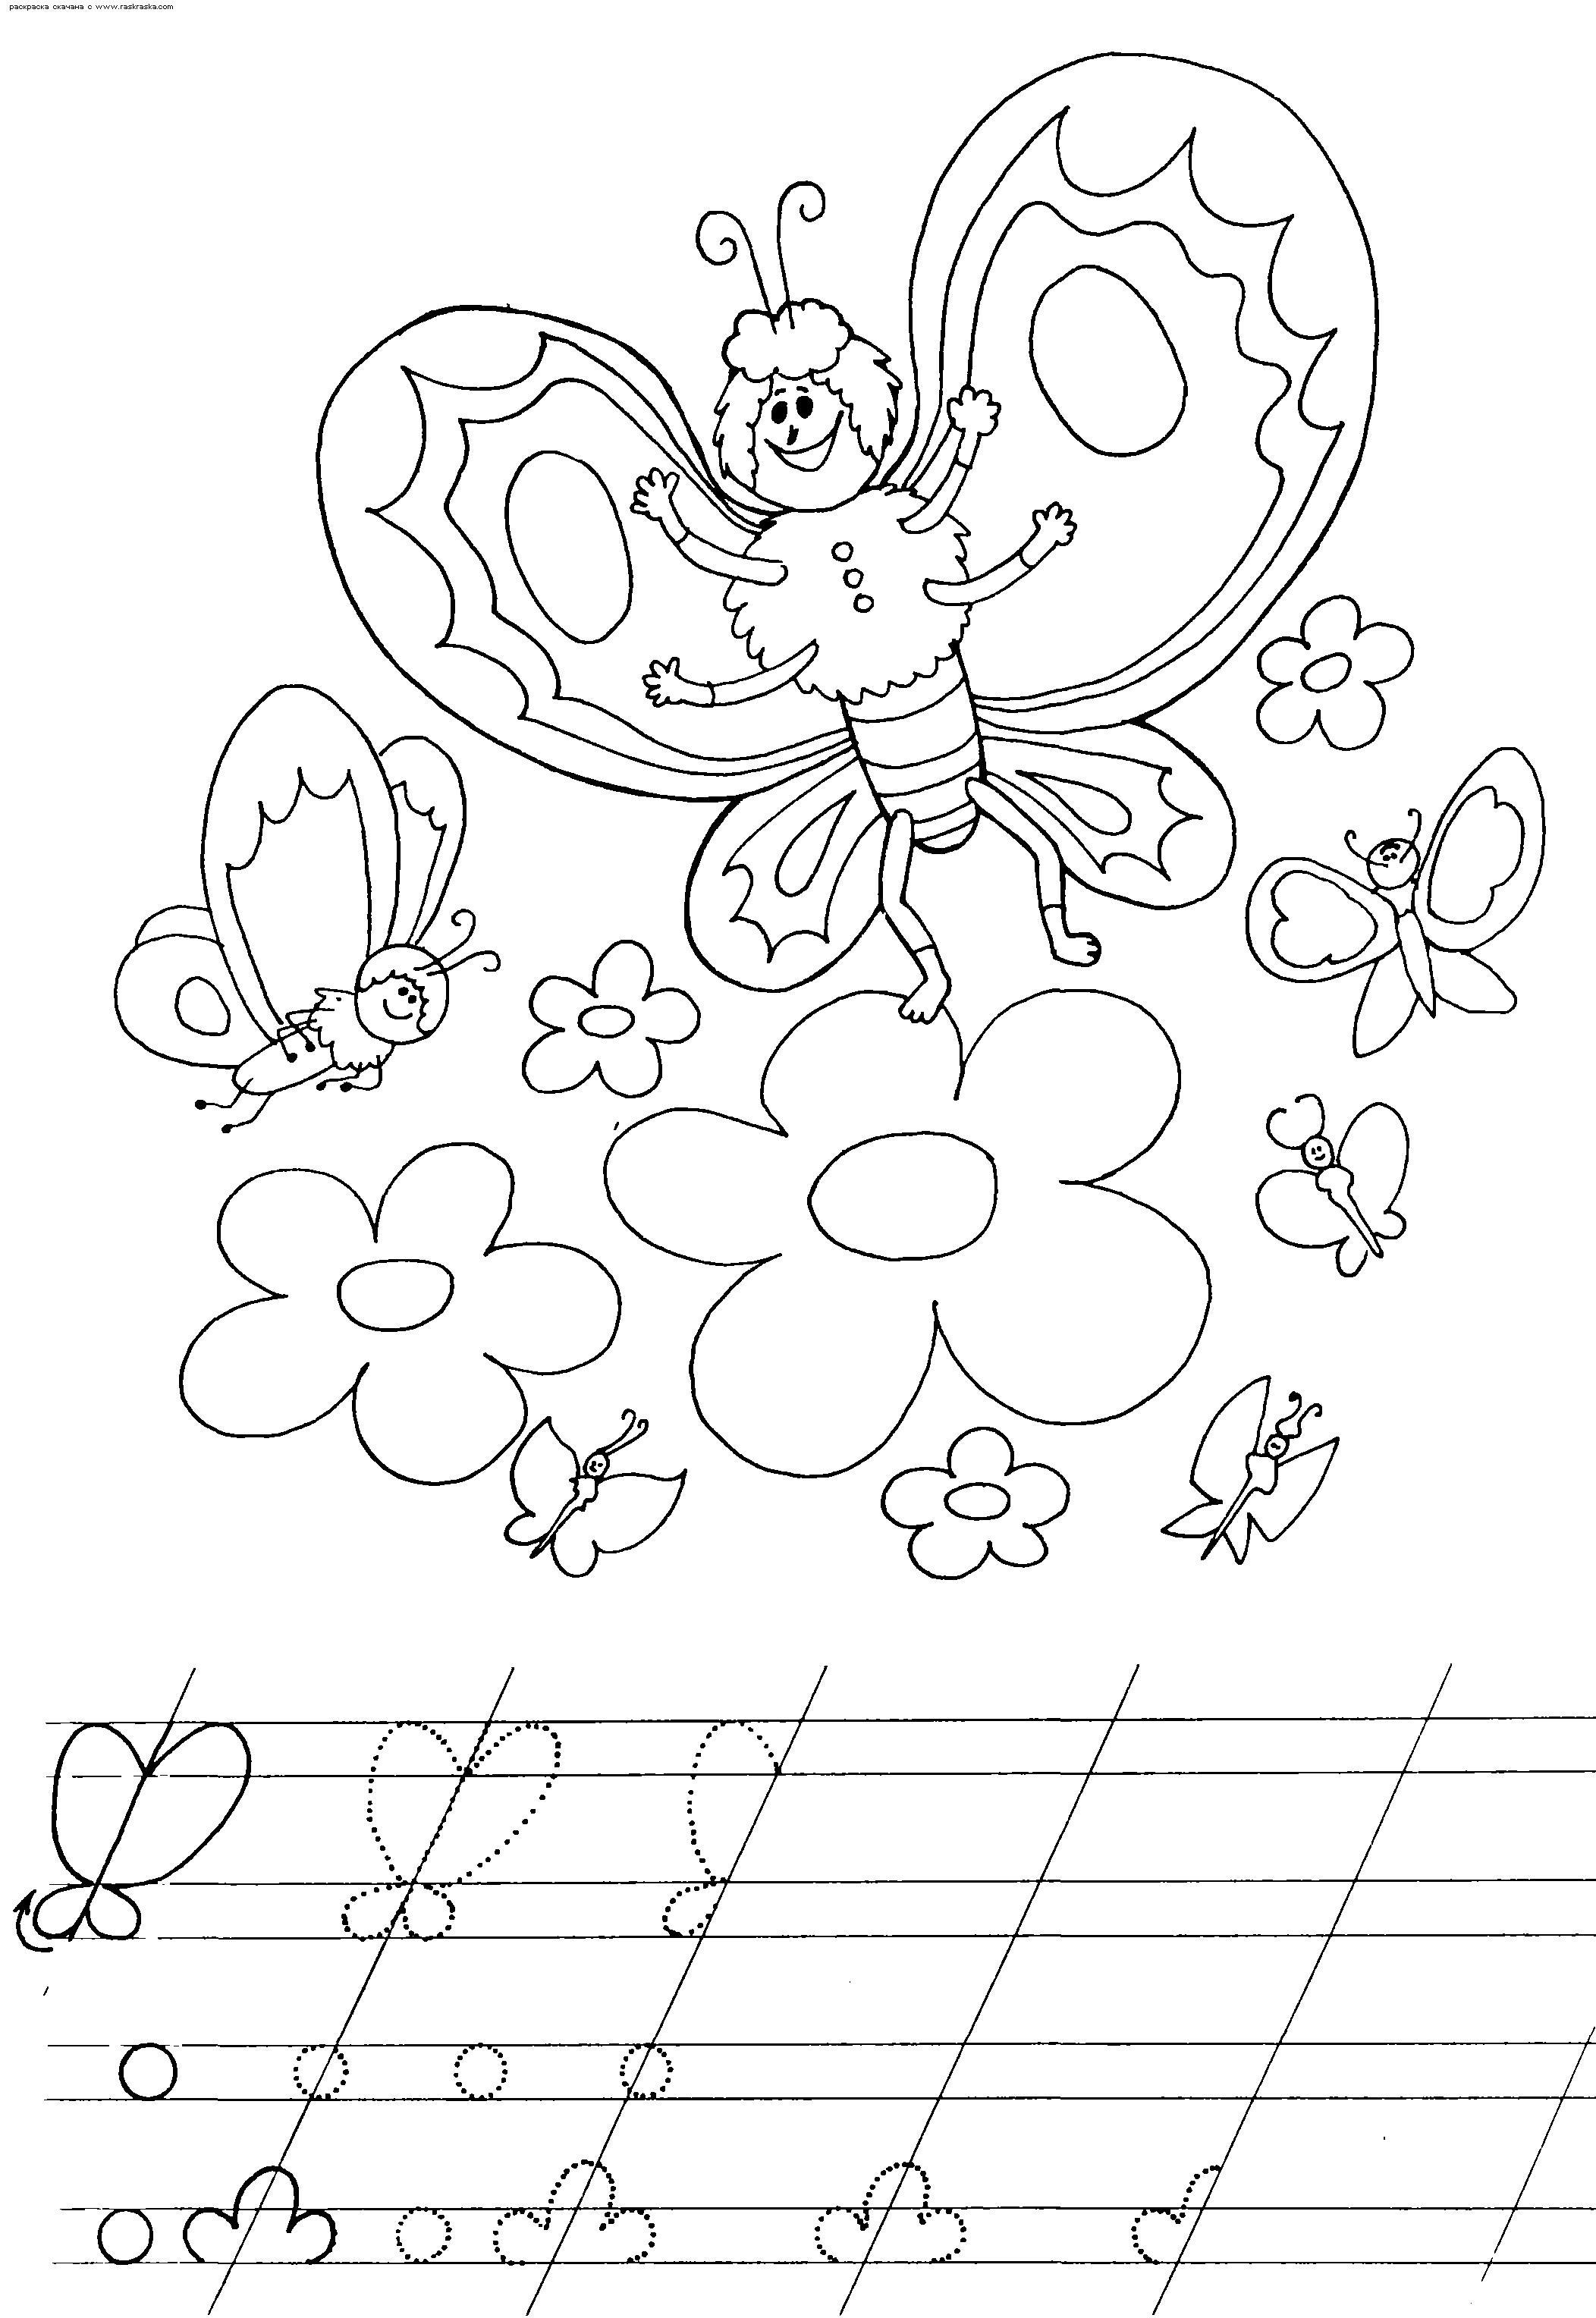 Прописи для дошкольников, с раскраской бабочки и цветочки